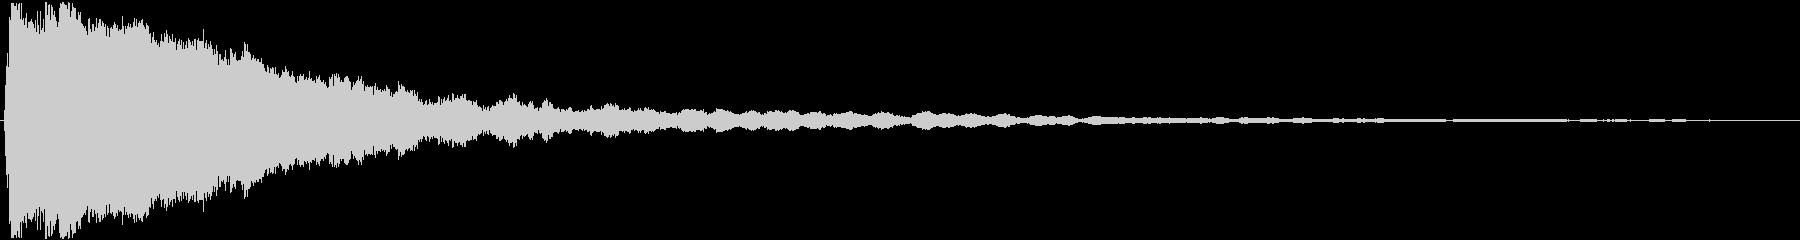 効果音。キュイーン音02(ひらめきの音)の未再生の波形